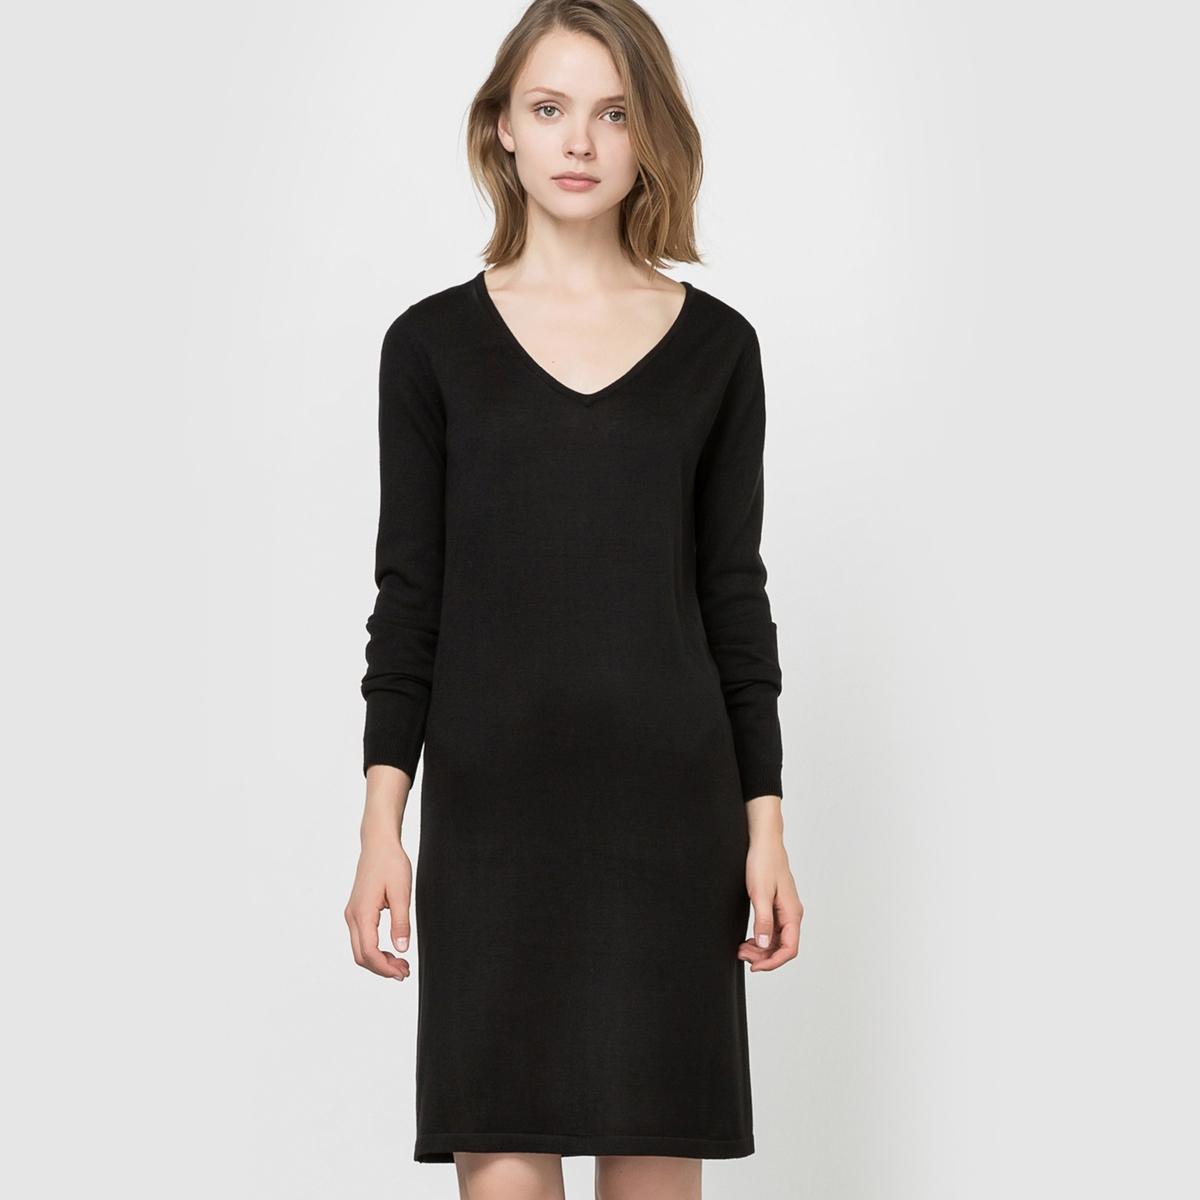 Платье-пуловерСостав и описание : Материал: 100% акрилаДлина: 90 см.Марка: R ?ditionУход :Машинная стирка при 30 °C    Гладить при умеренной температуре<br><br>Цвет: черный